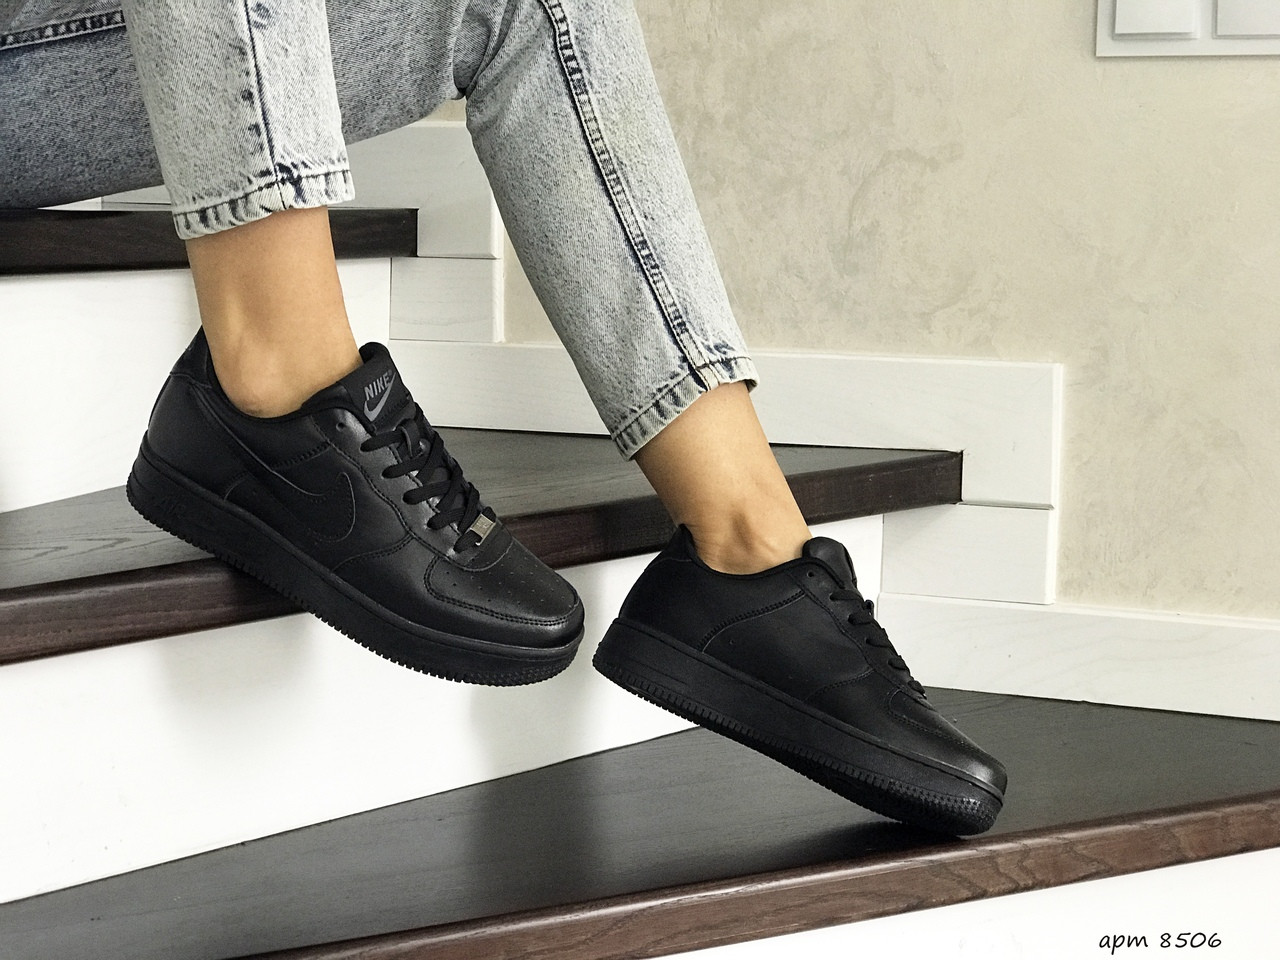 Кроссовки кеды женские найк аир форс демисезонные черные (реплика) Nike Air Force Black